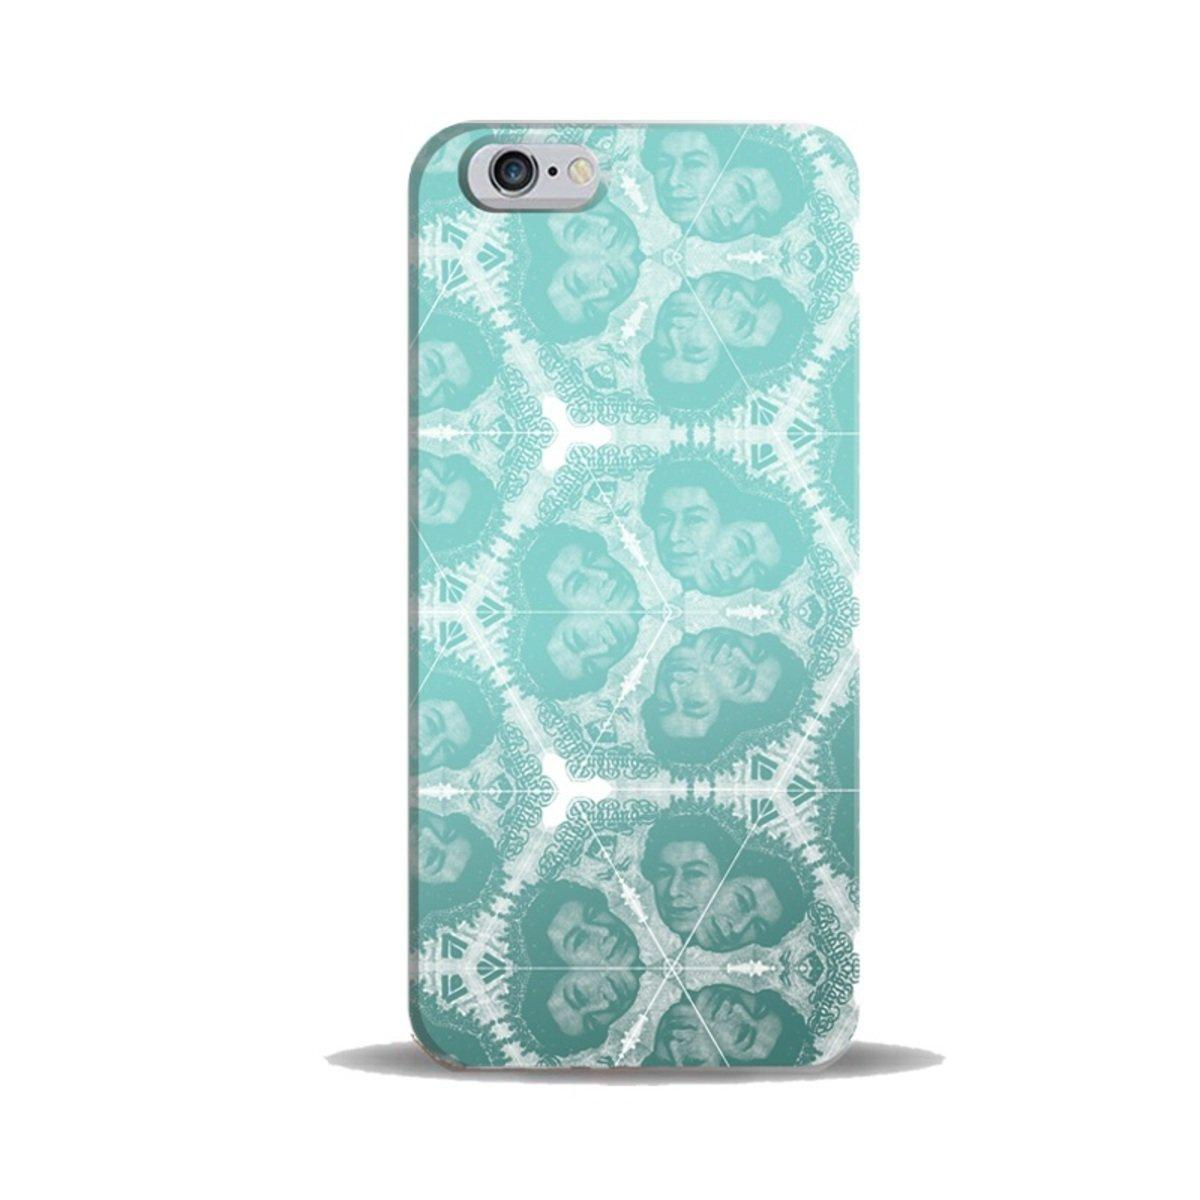 """iPhase - iPhone 6 (4.7"""") 手機膠殼電話保護套 4.7寸 (Pounds) (另有適合iPhone 6 Plus 5.5寸型號)"""